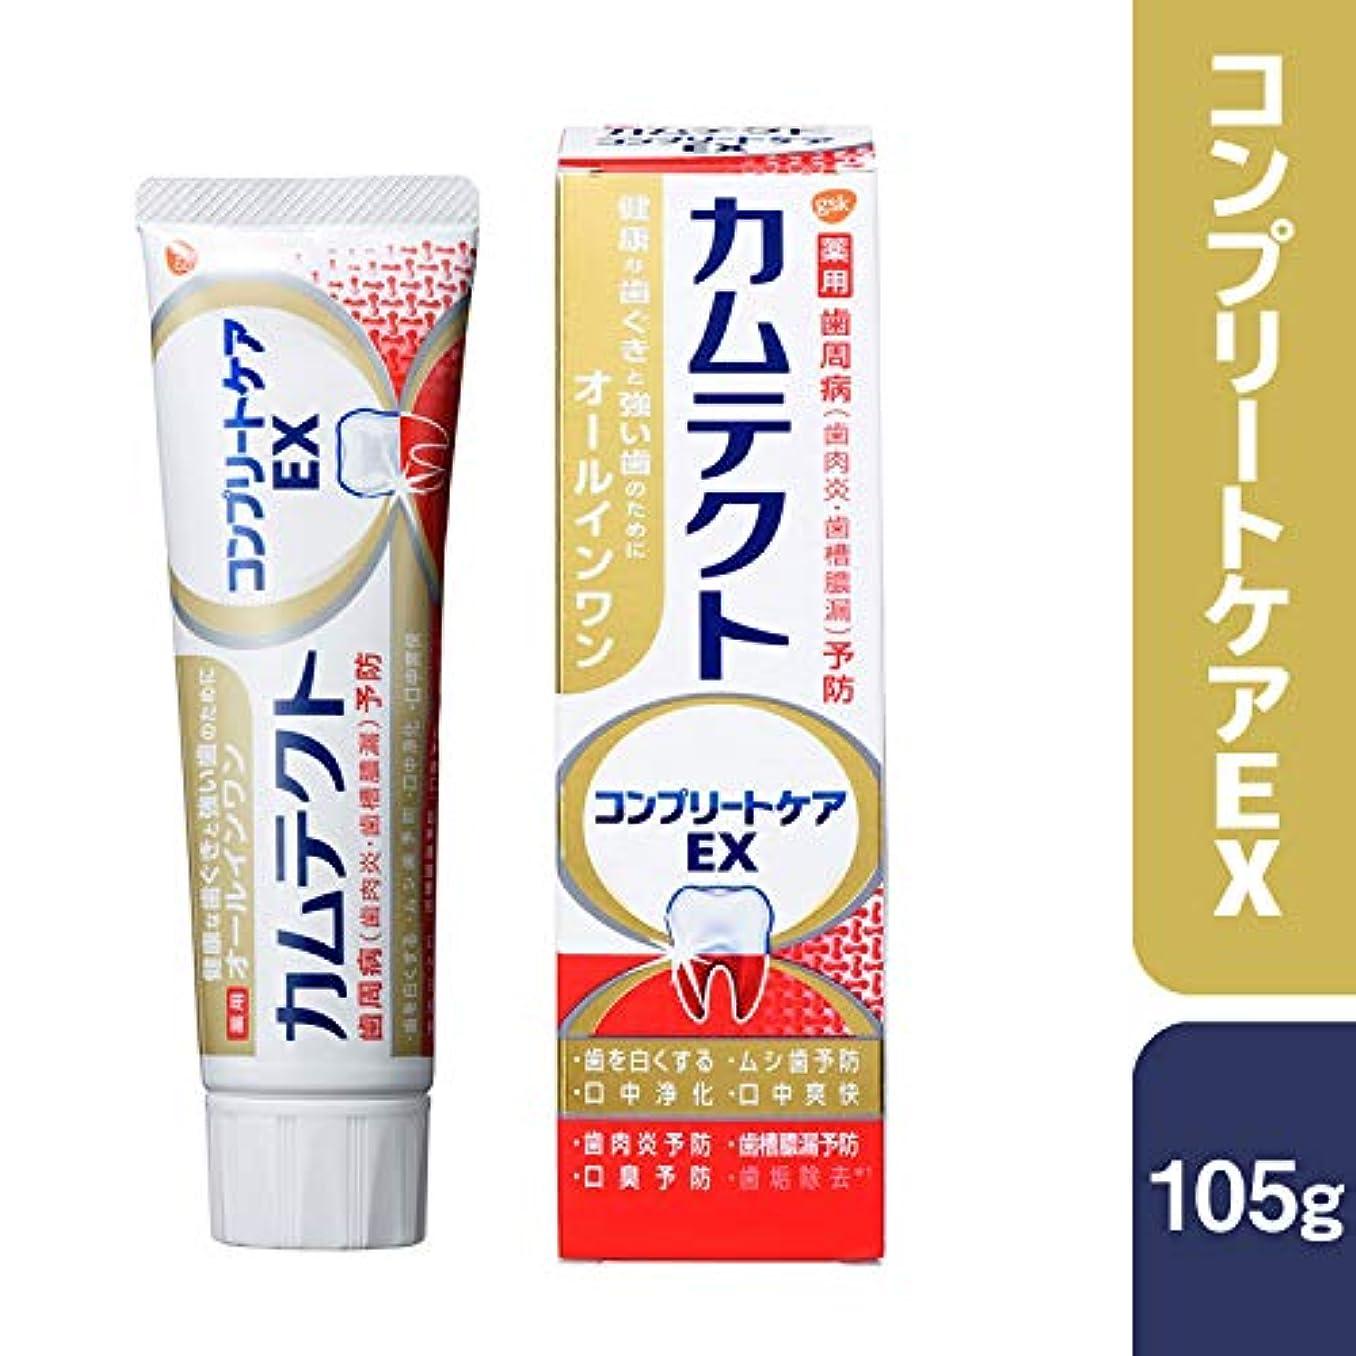 キャッシュ助けてカウントアップカムテクト コンプリートケアEX 歯周病(歯肉炎?歯槽膿漏) 予防 歯磨き粉 105g